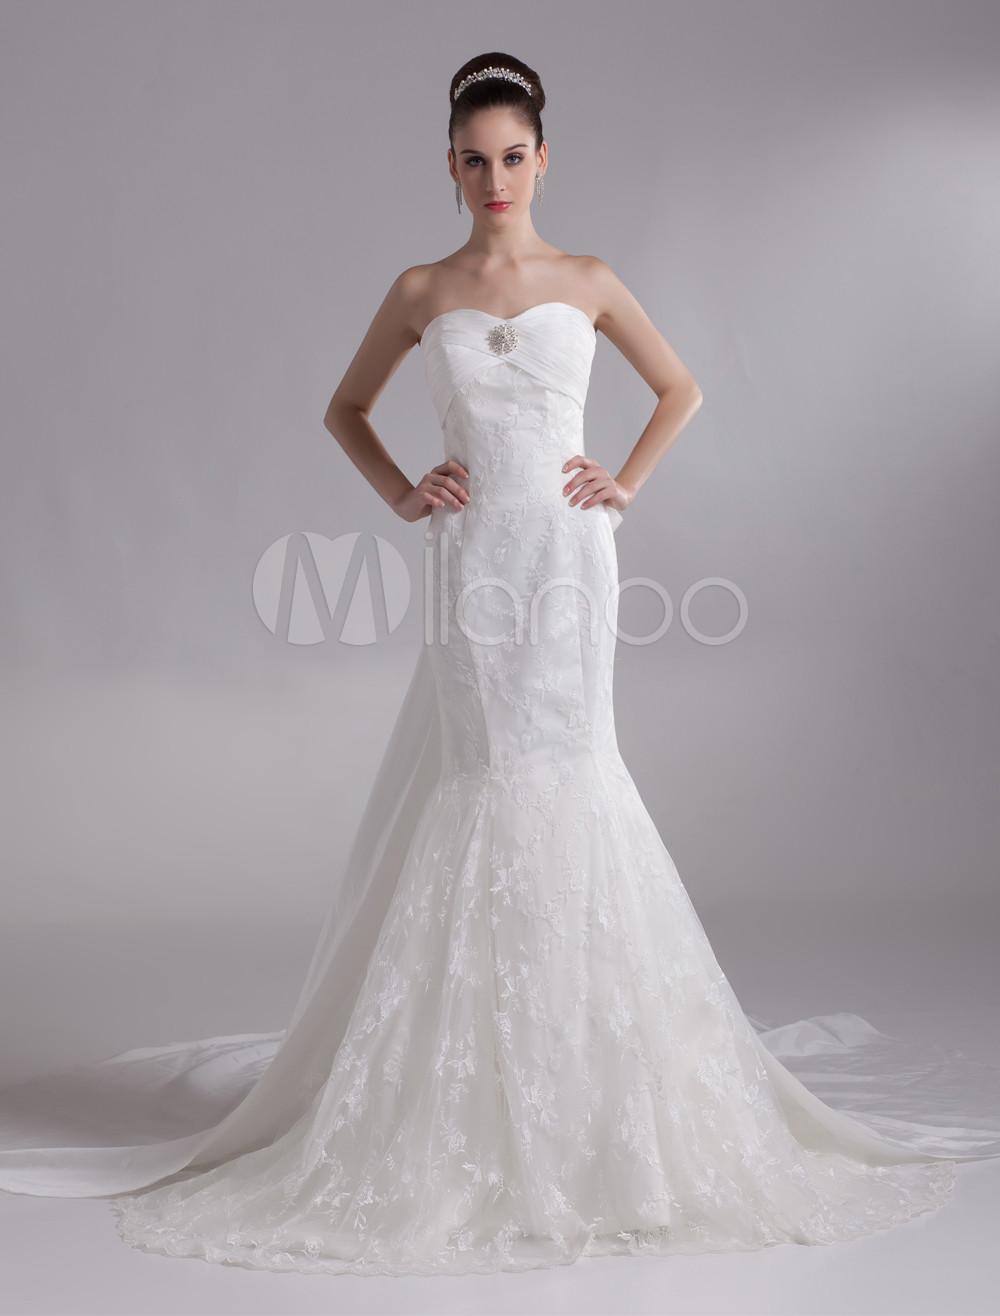 cf27f5a56 Vestido de novia marfil con encajes y escote de corazón de cola larga de  estilo Sirena ...